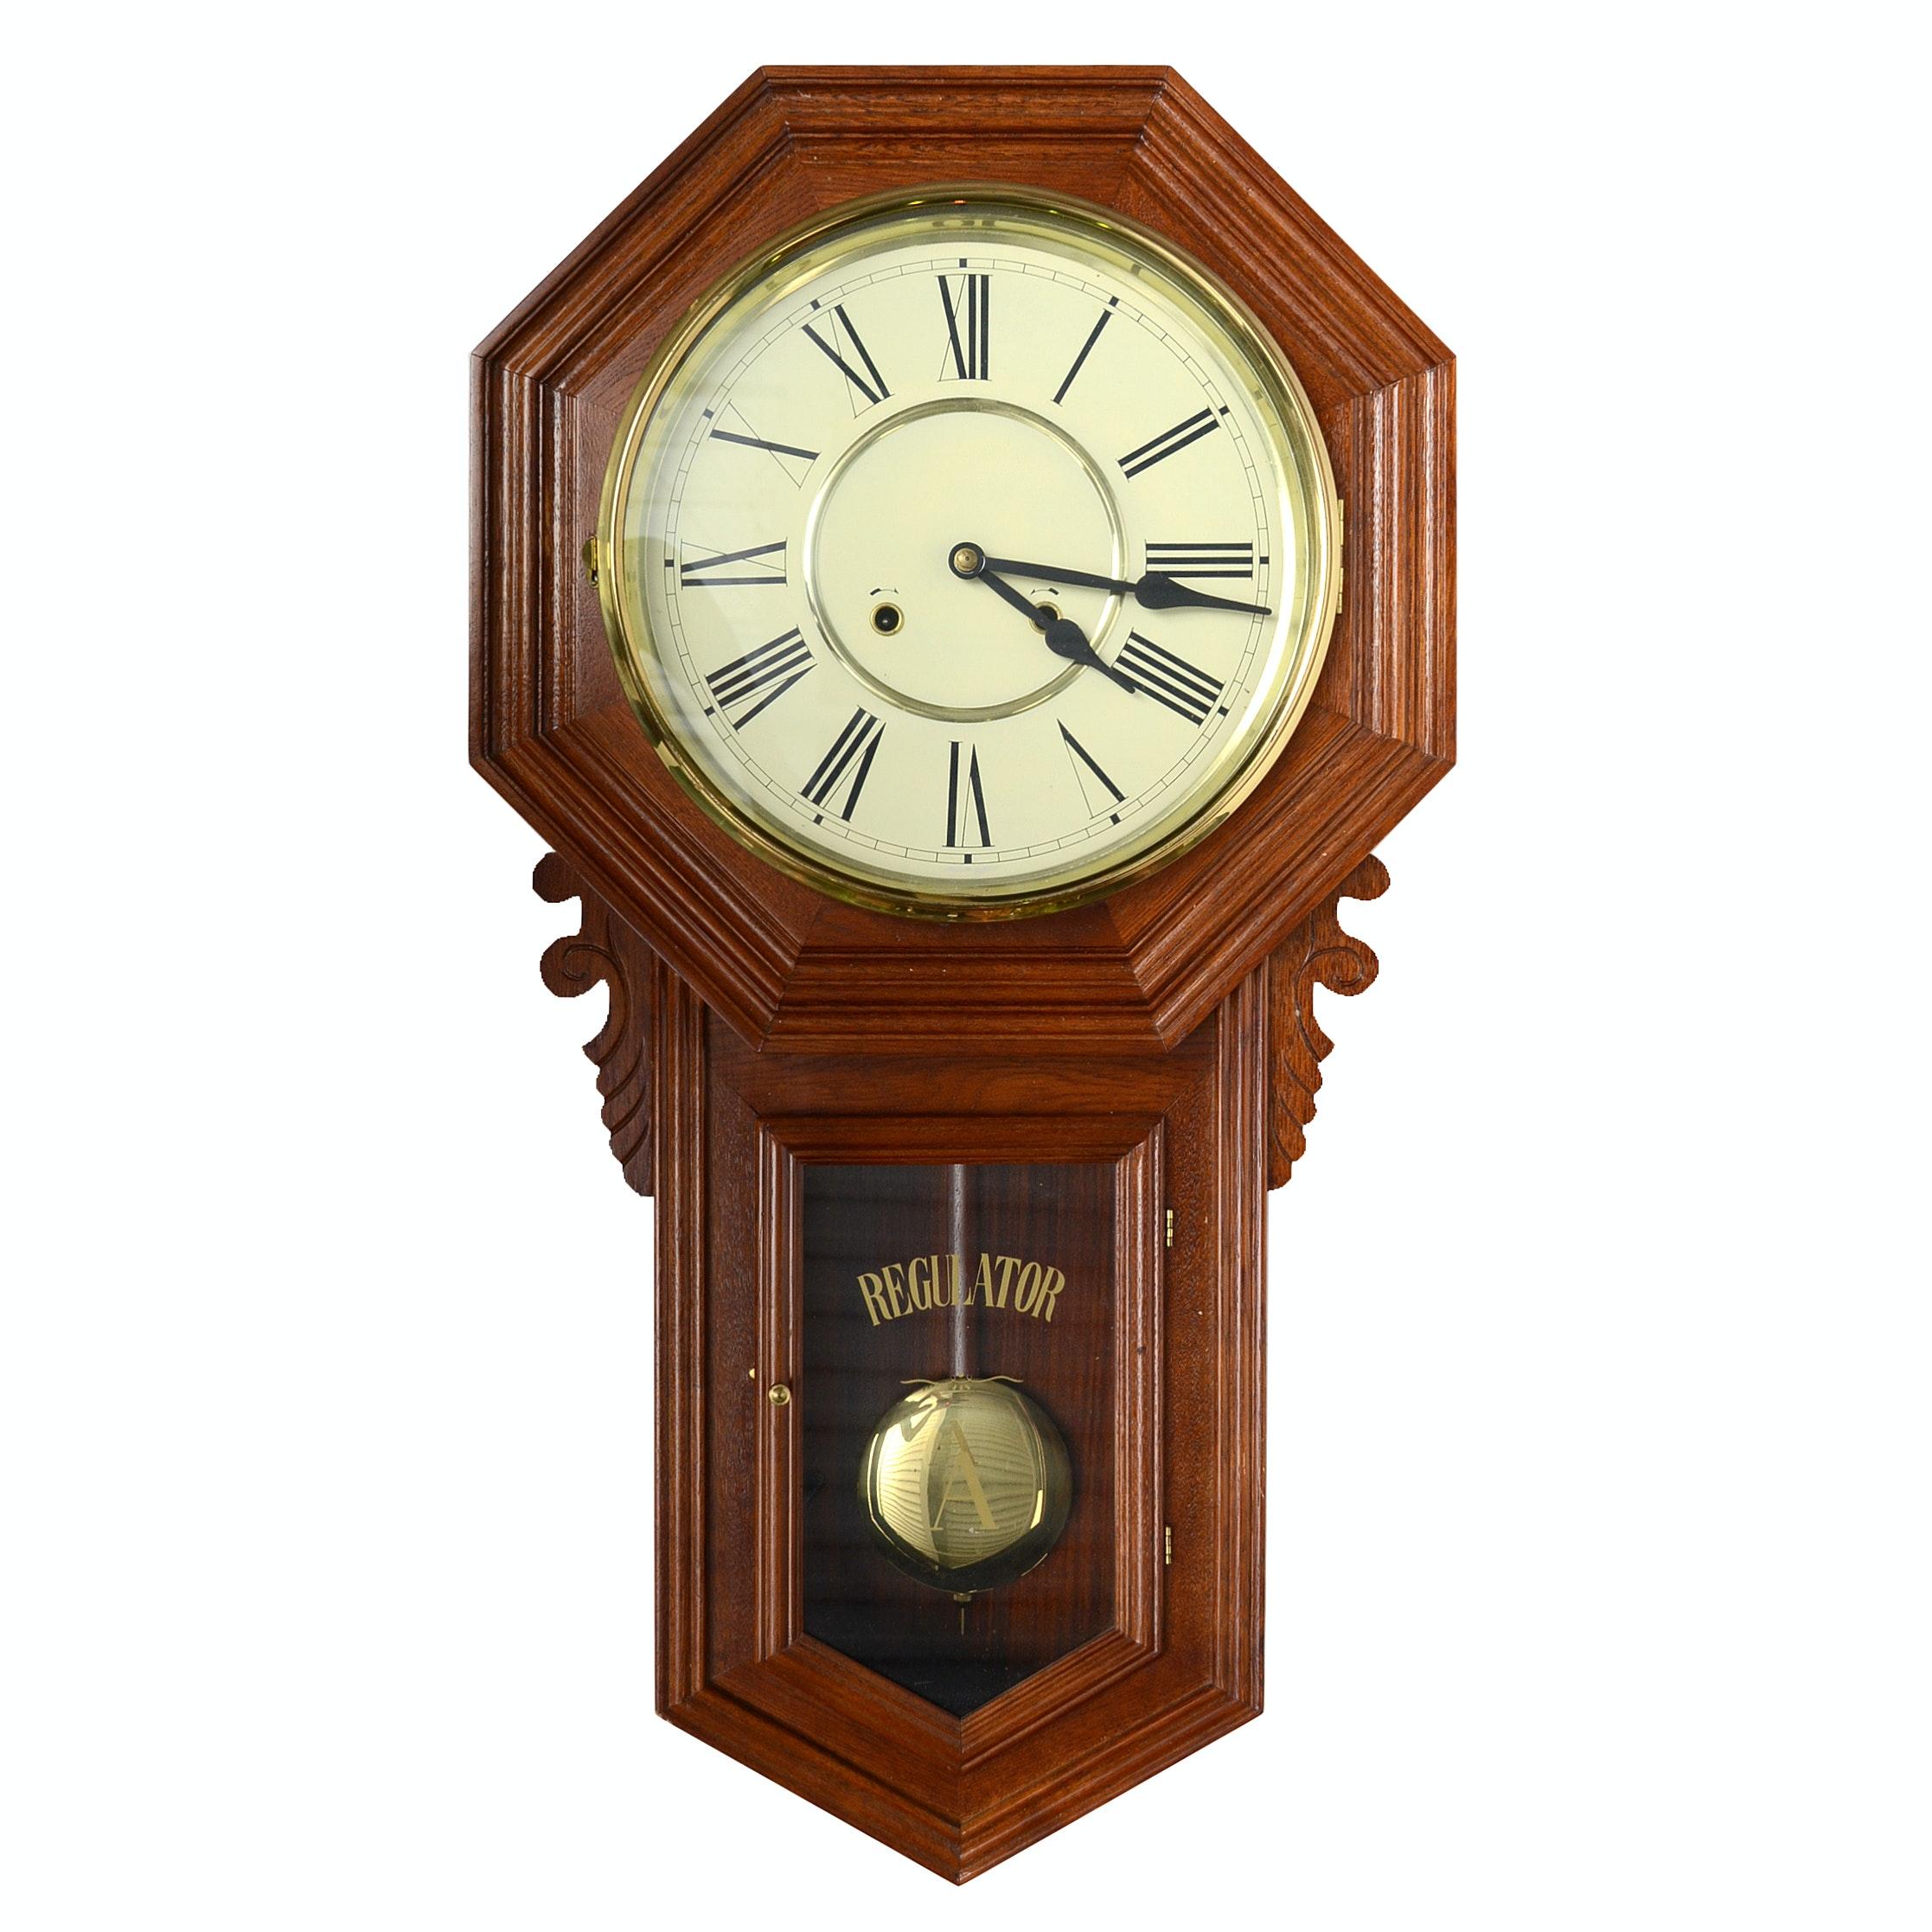 Regulator School Wall Clock